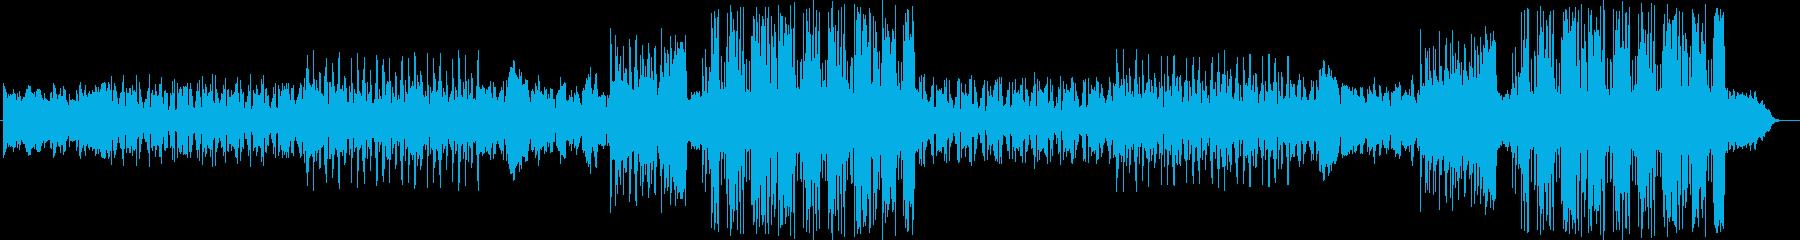 洋楽 Future Pop チルアウトの再生済みの波形